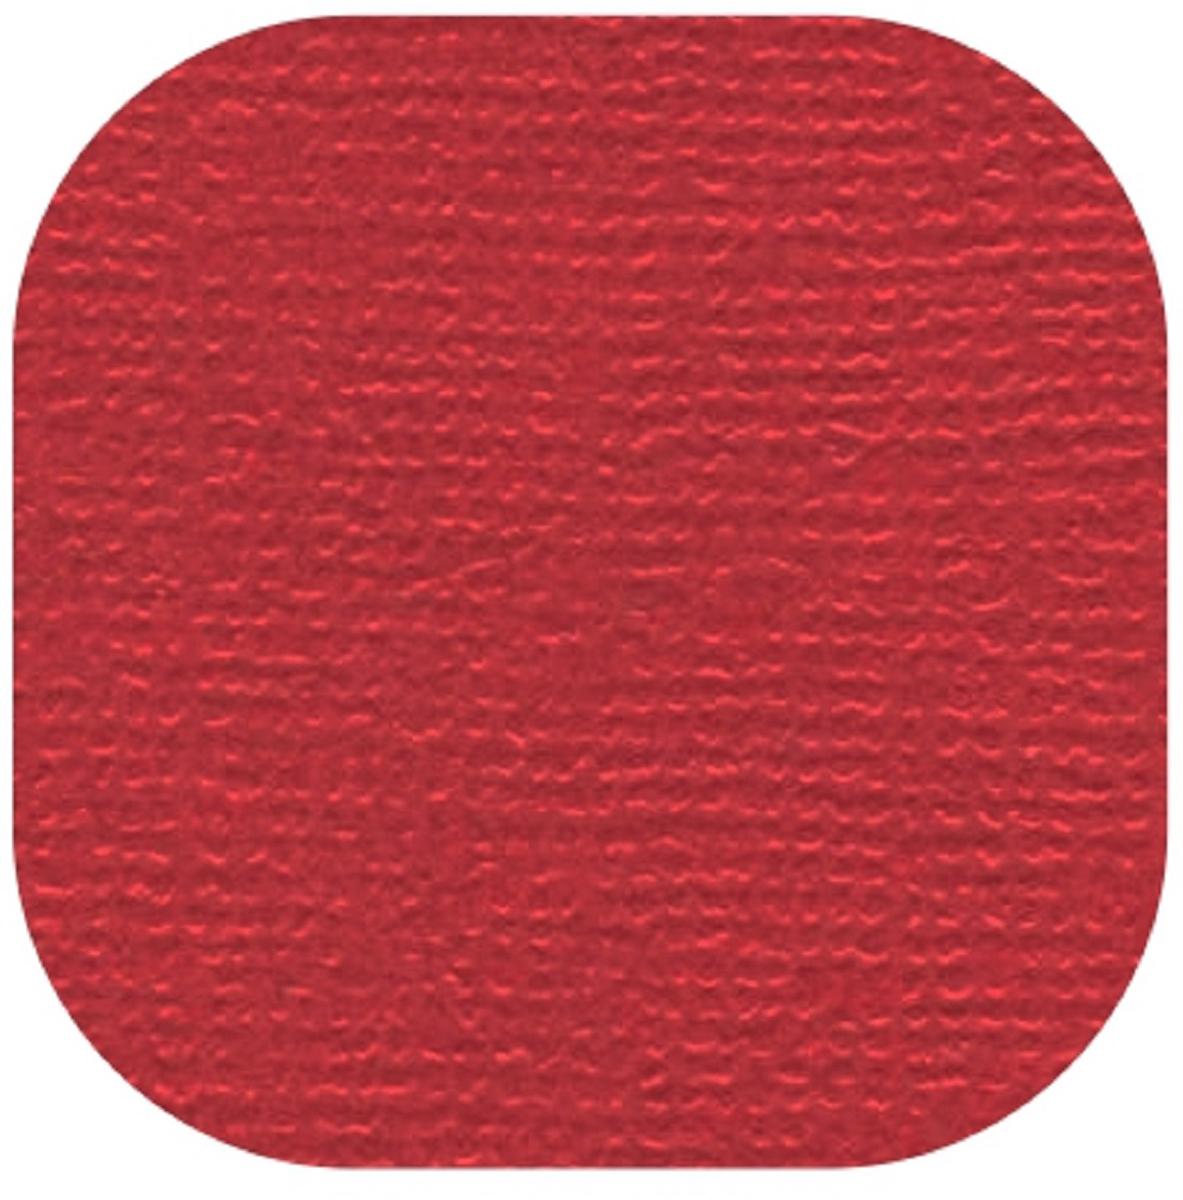 Бумага текстурированная Рукоделие Пунцовый, 30,5 х 30,5 см, 10 листовBO-58Бумага для скрапбукинга односторонняя. Набор текстурированной бумаги позволит создать красивый альбом, фоторамку или открытку ручной работы, оформить подарок или аппликацию. В наборе: 10 листов. Плотность: 235 г/м2.